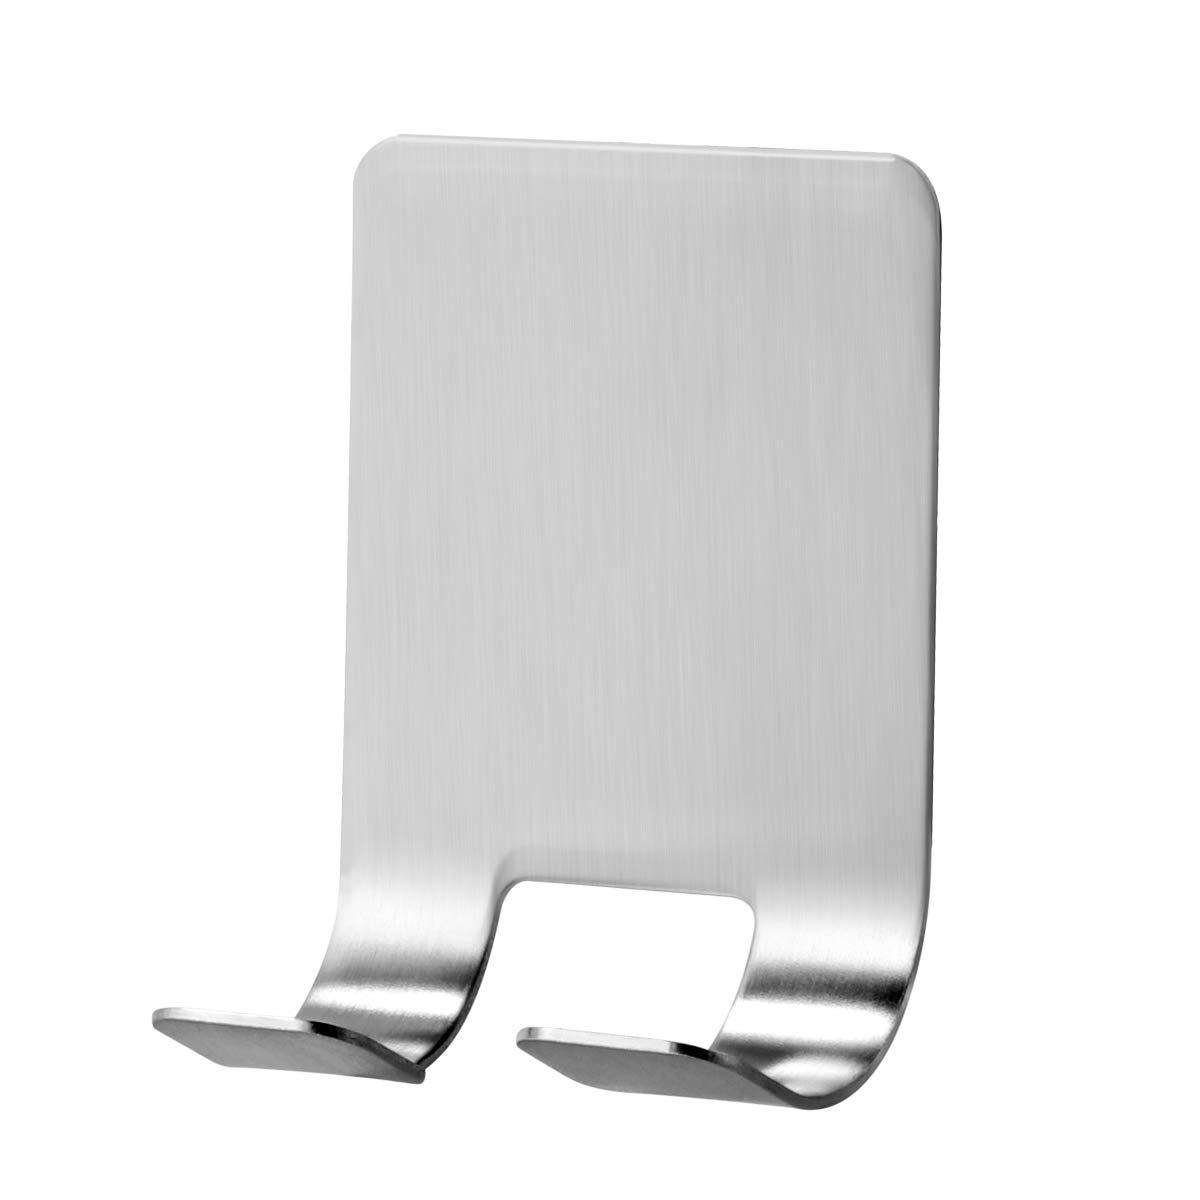 OUNONA Stainless Steel Self Adhesive Hooks Razor Holder for Shower Shaving Razor Hooks Waterproof Multi-Functional Wall Hooks